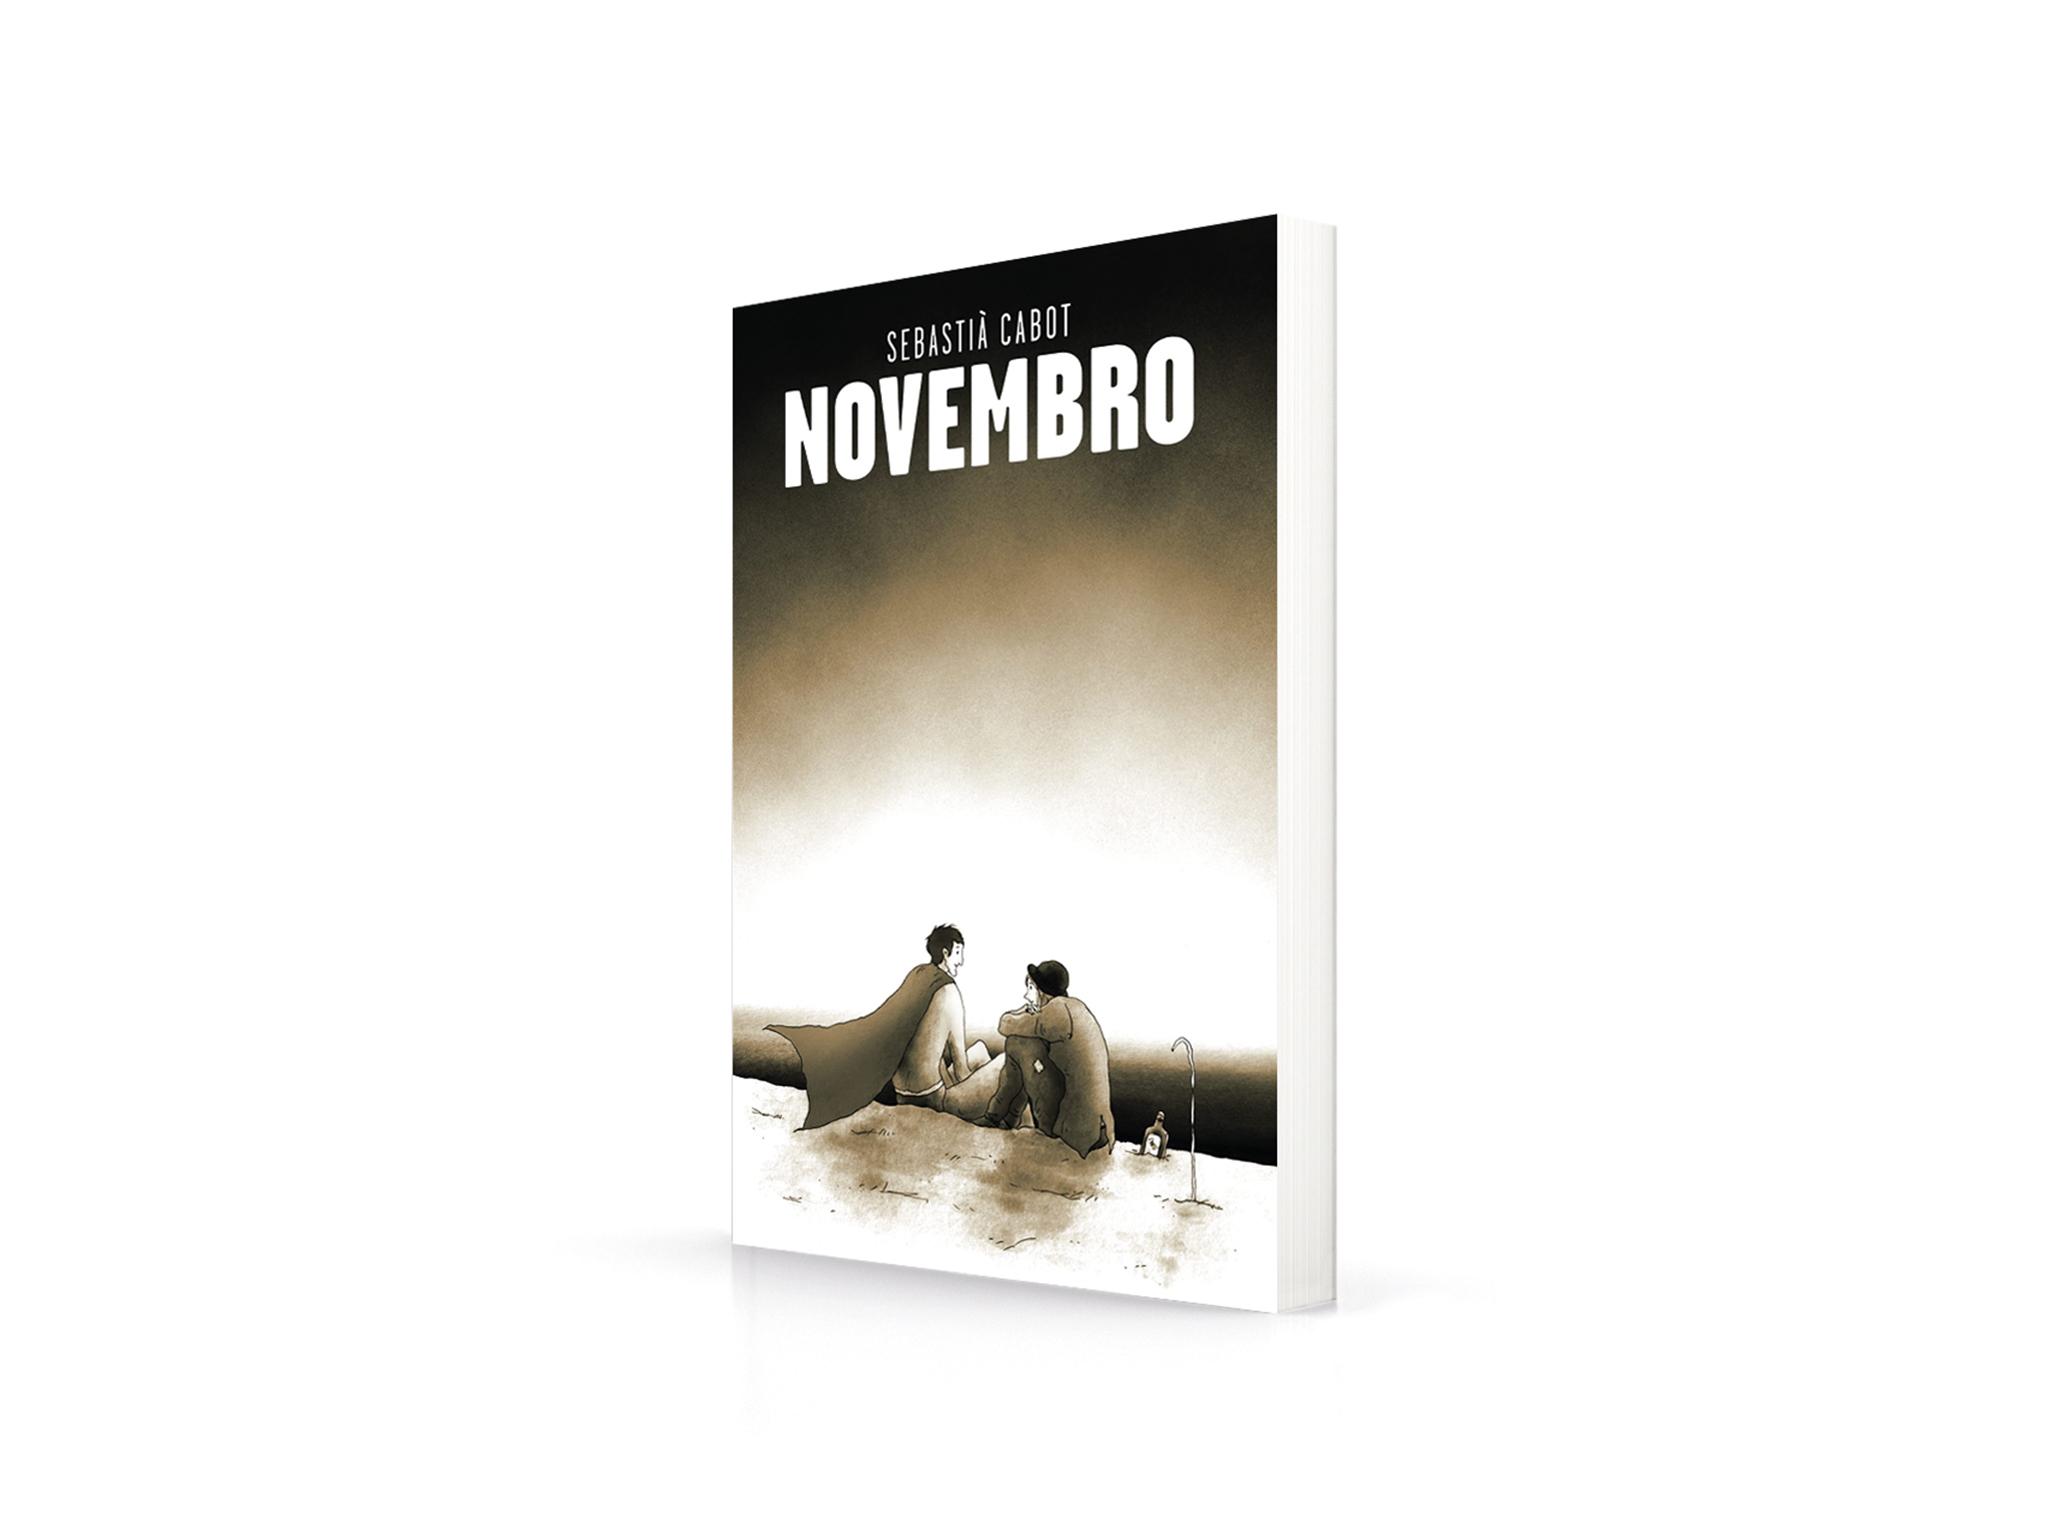 Livro, Romance, Novembro, Sebastià Cabot